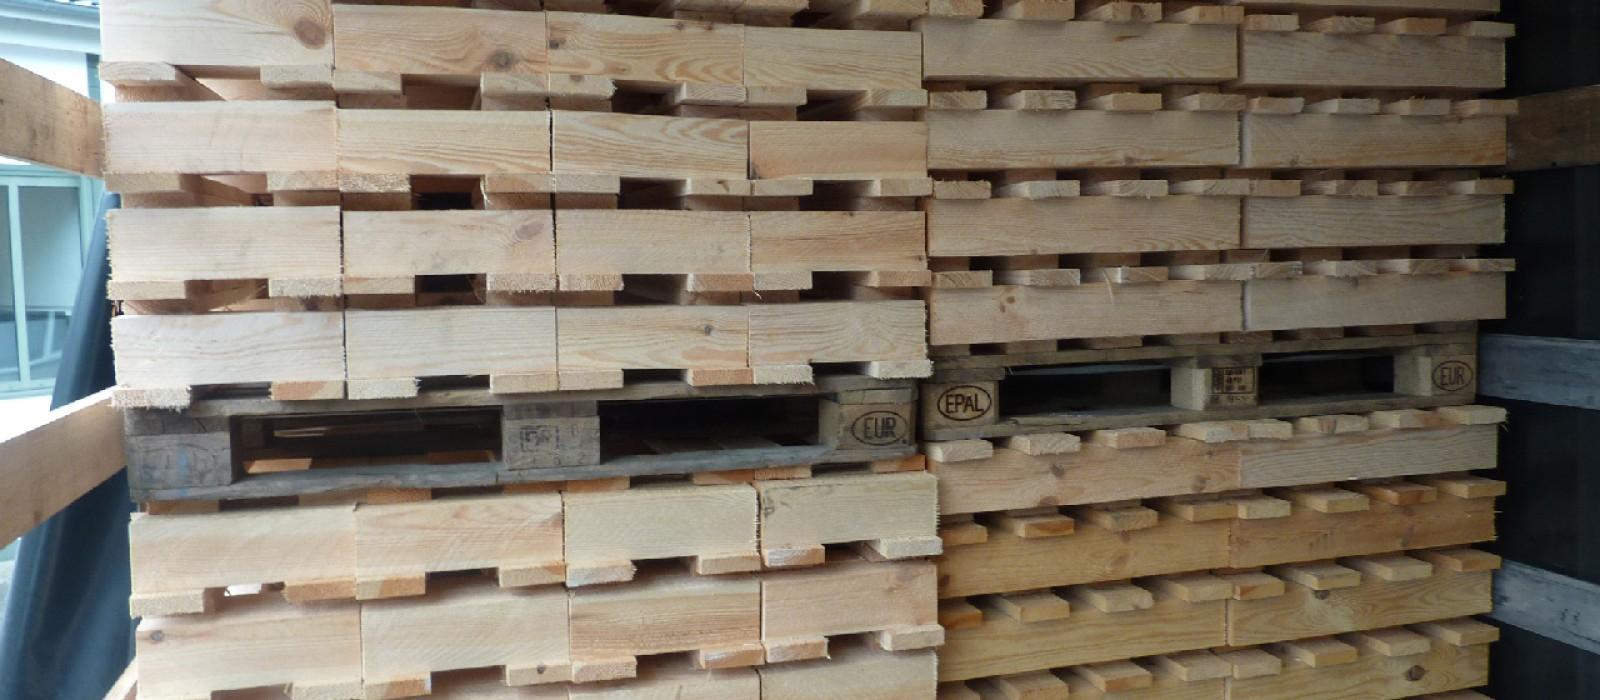 Holzpalette-im-gestapelten-Zustand